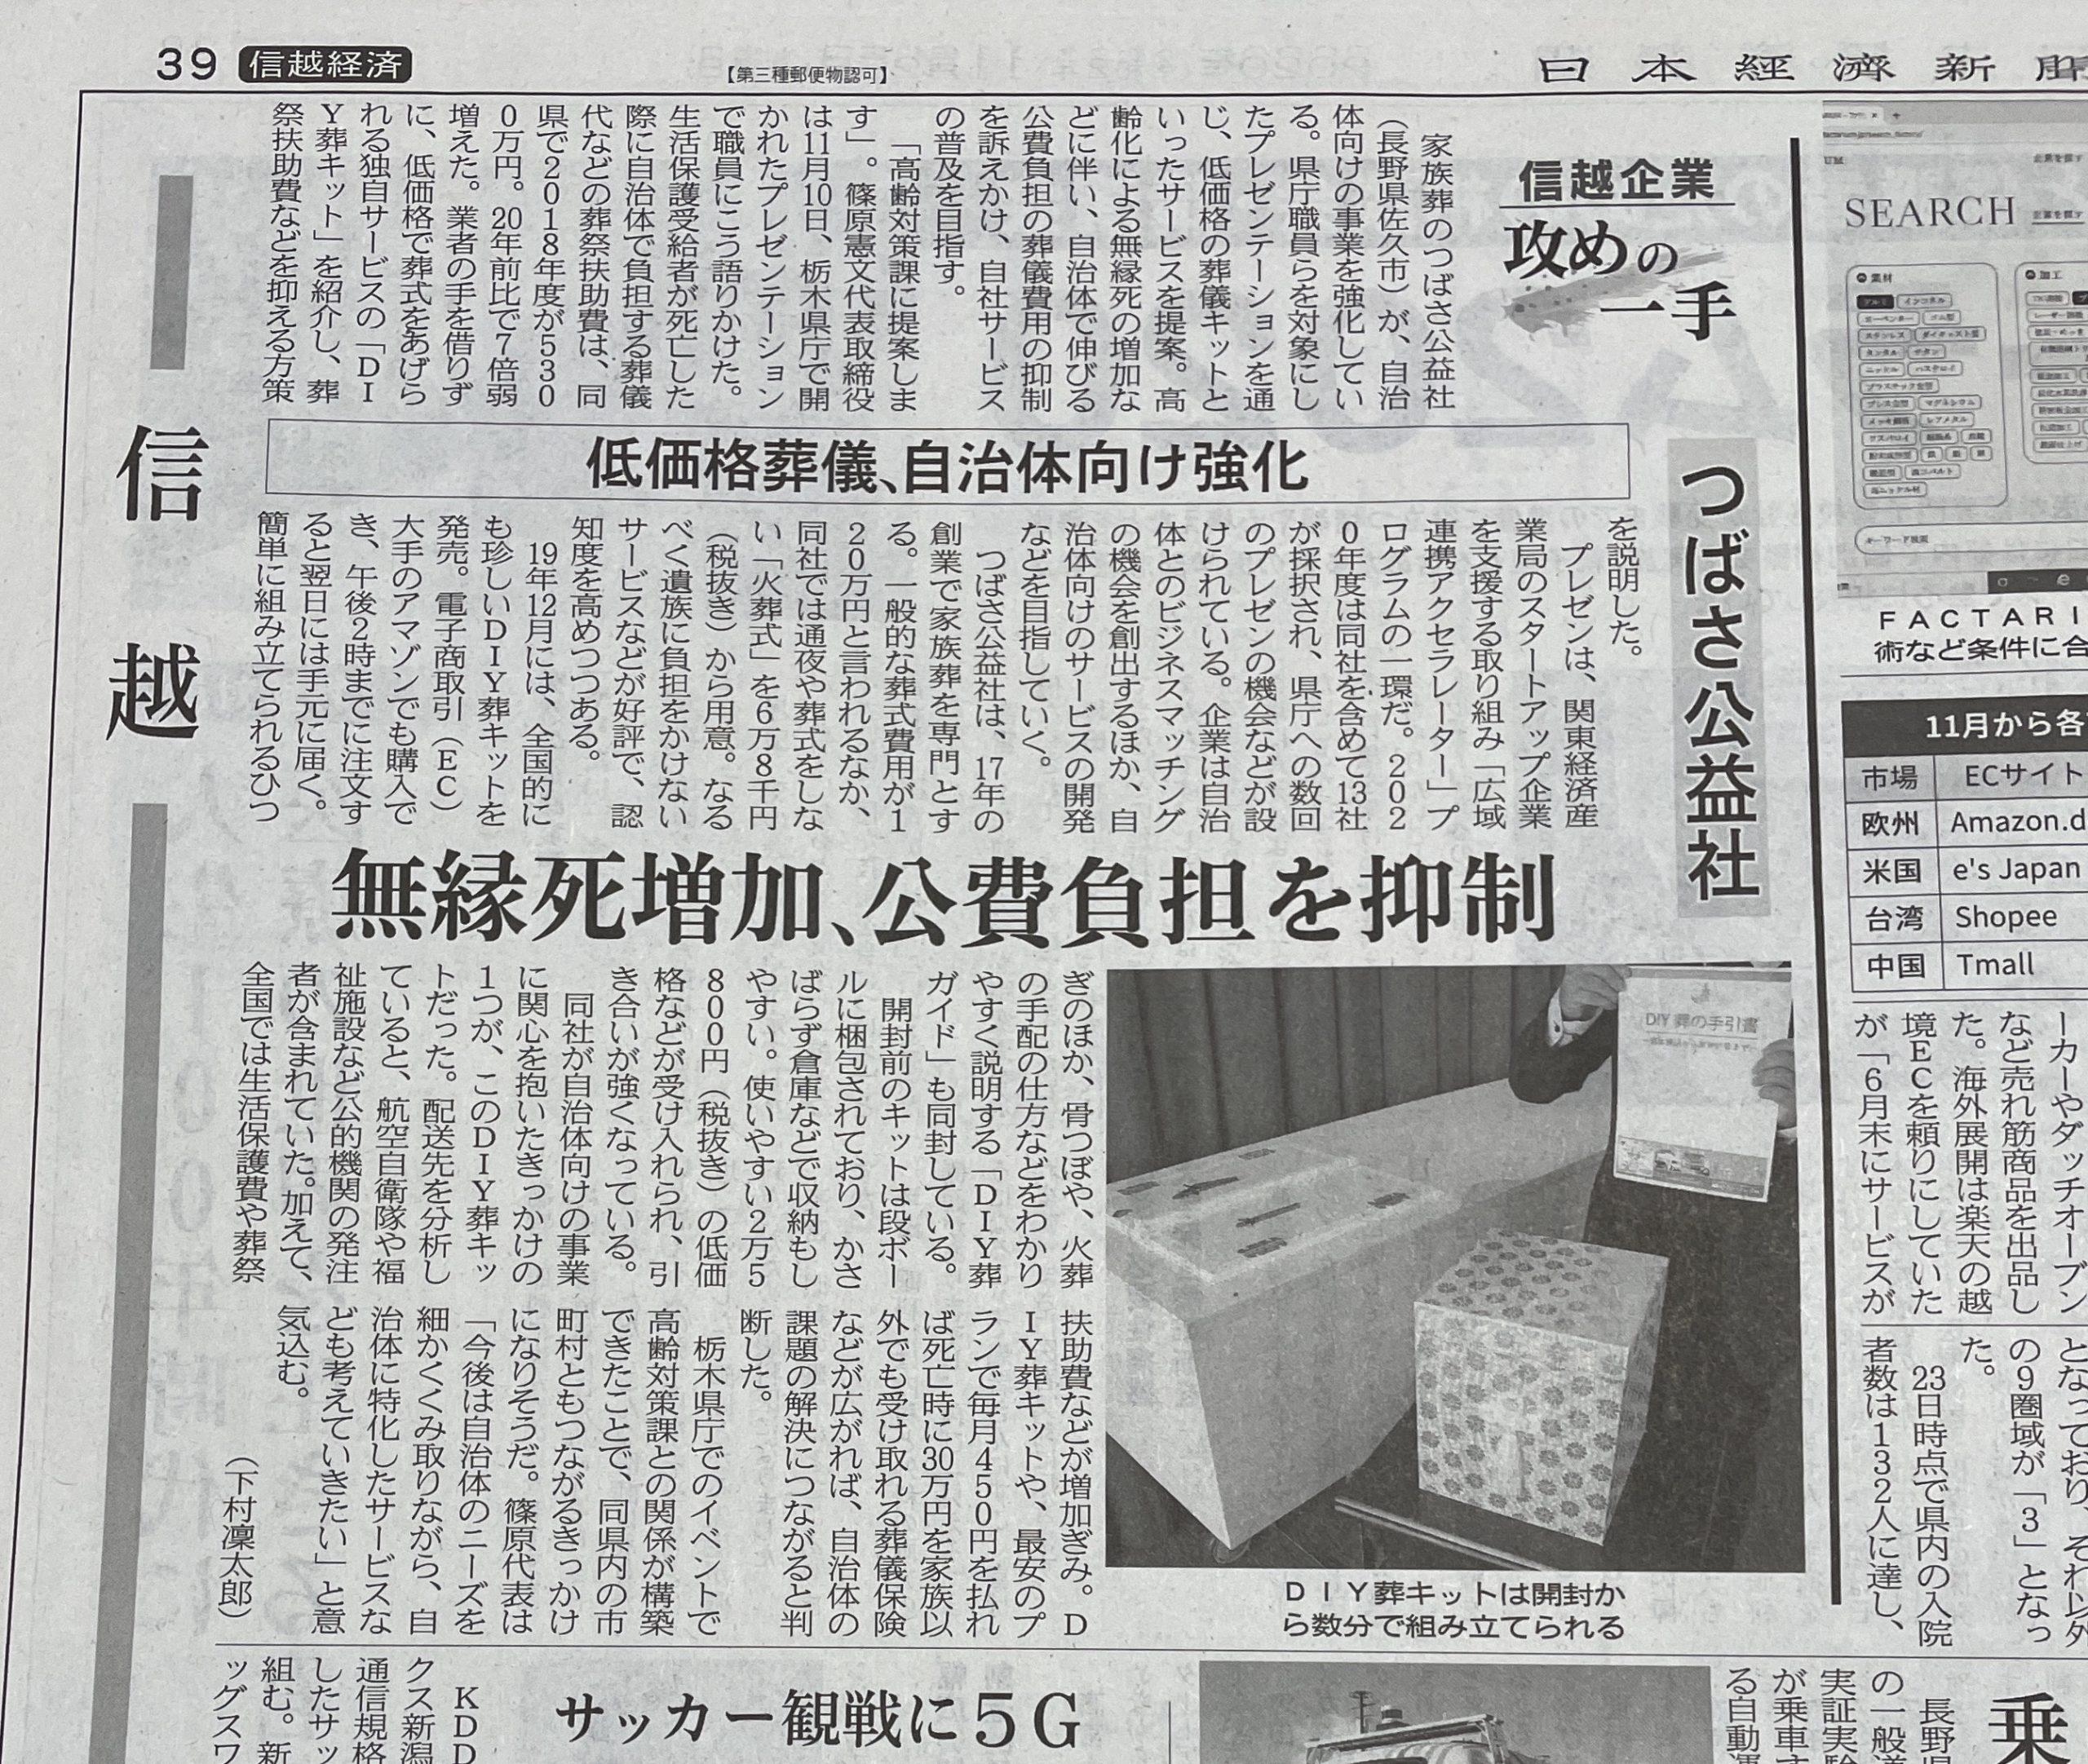 日本経済新聞つばさの自治体向け葬儀サービスが紹介されました。